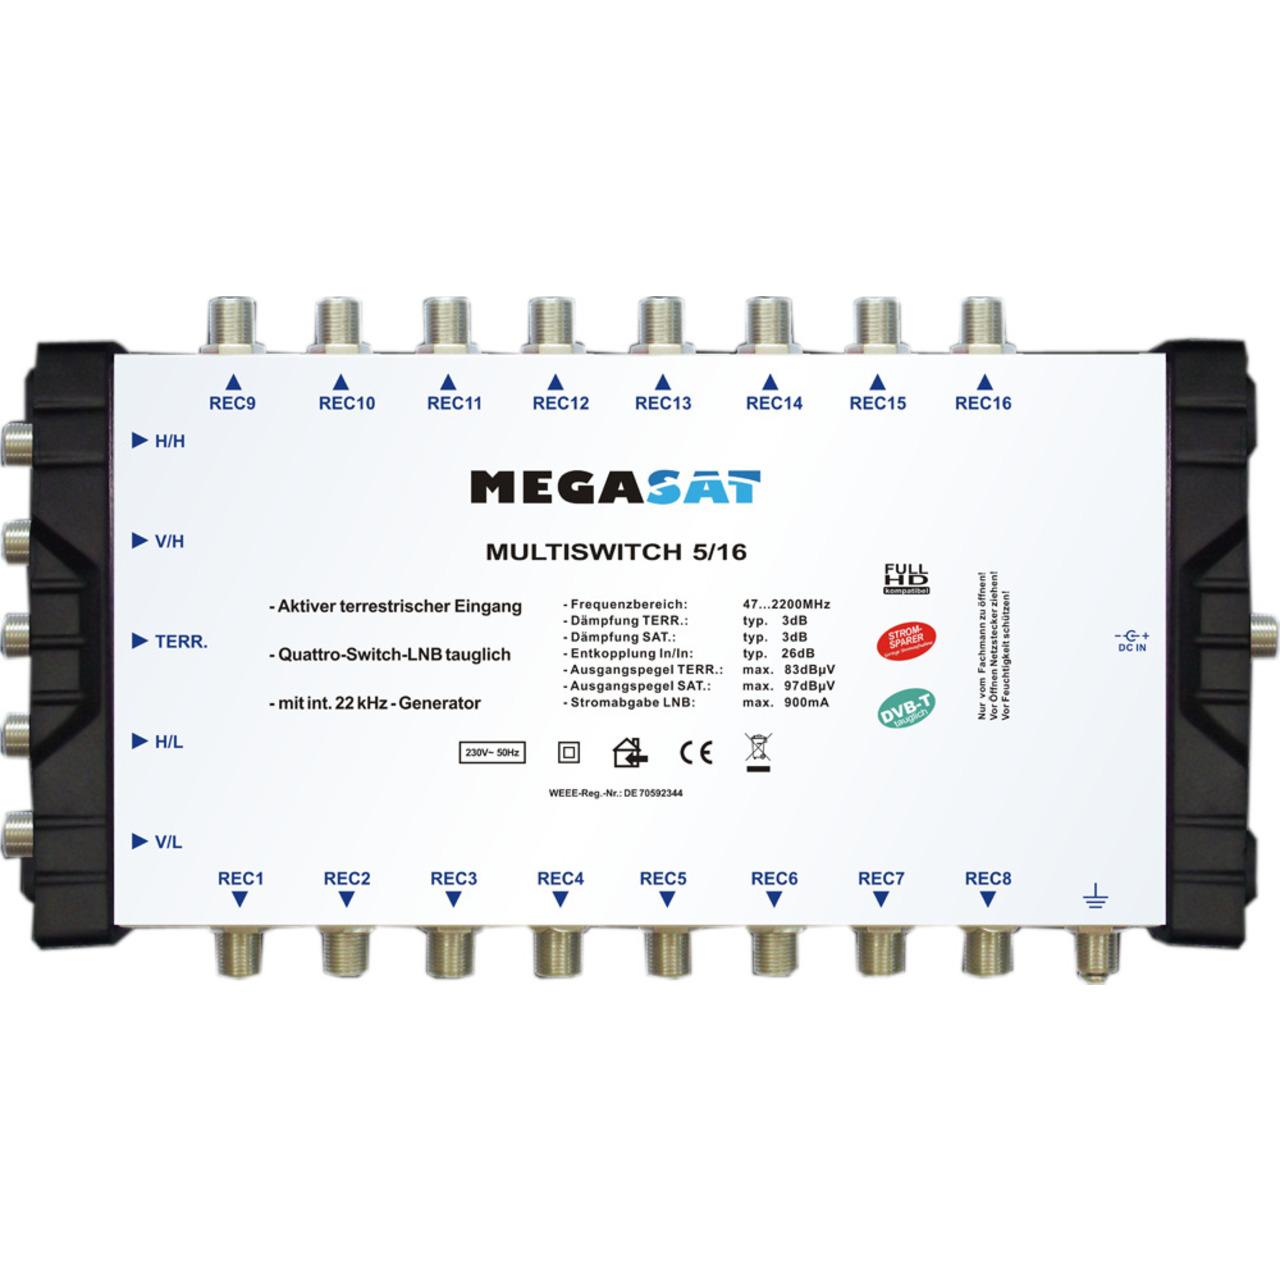 Megasat Multischalter 5-16- 1 Satellit- 16 Teilnehmer